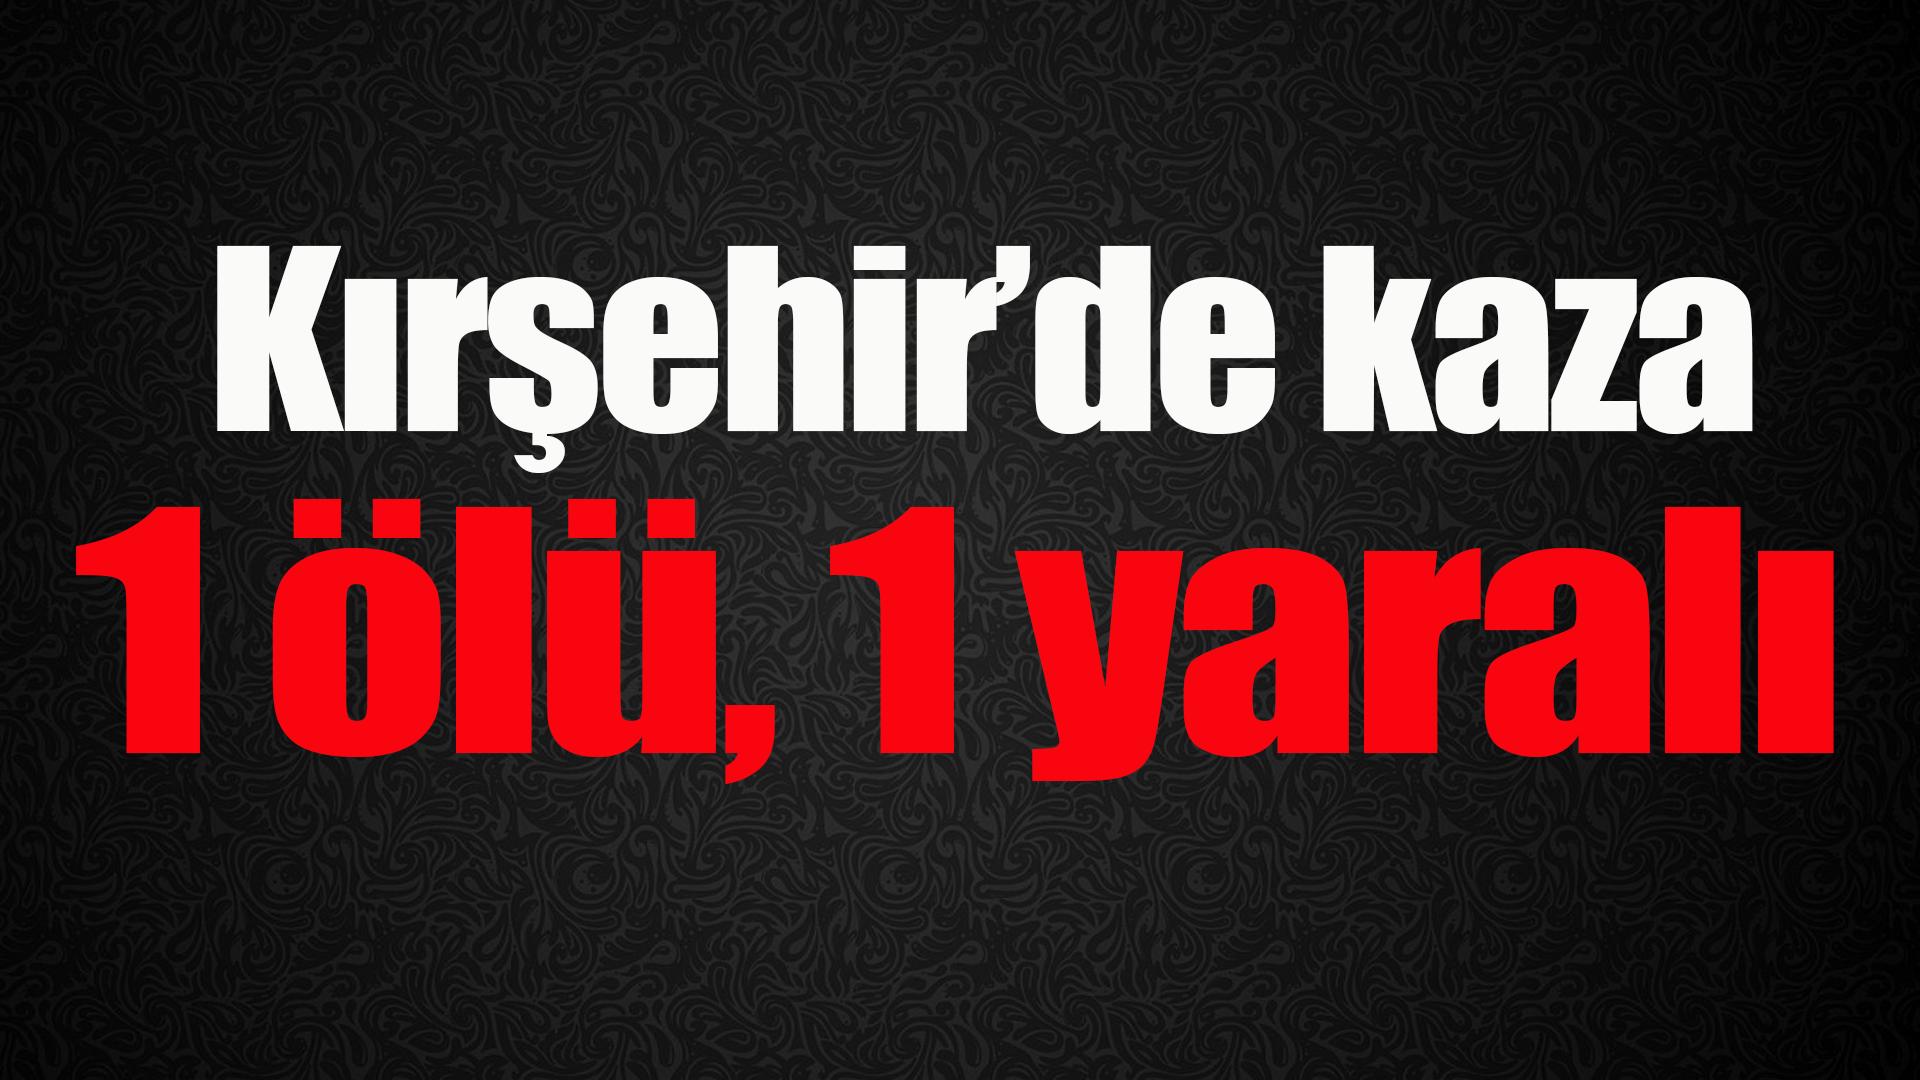 Kırşehir'de kaza 1 ölü, 1 yaralı